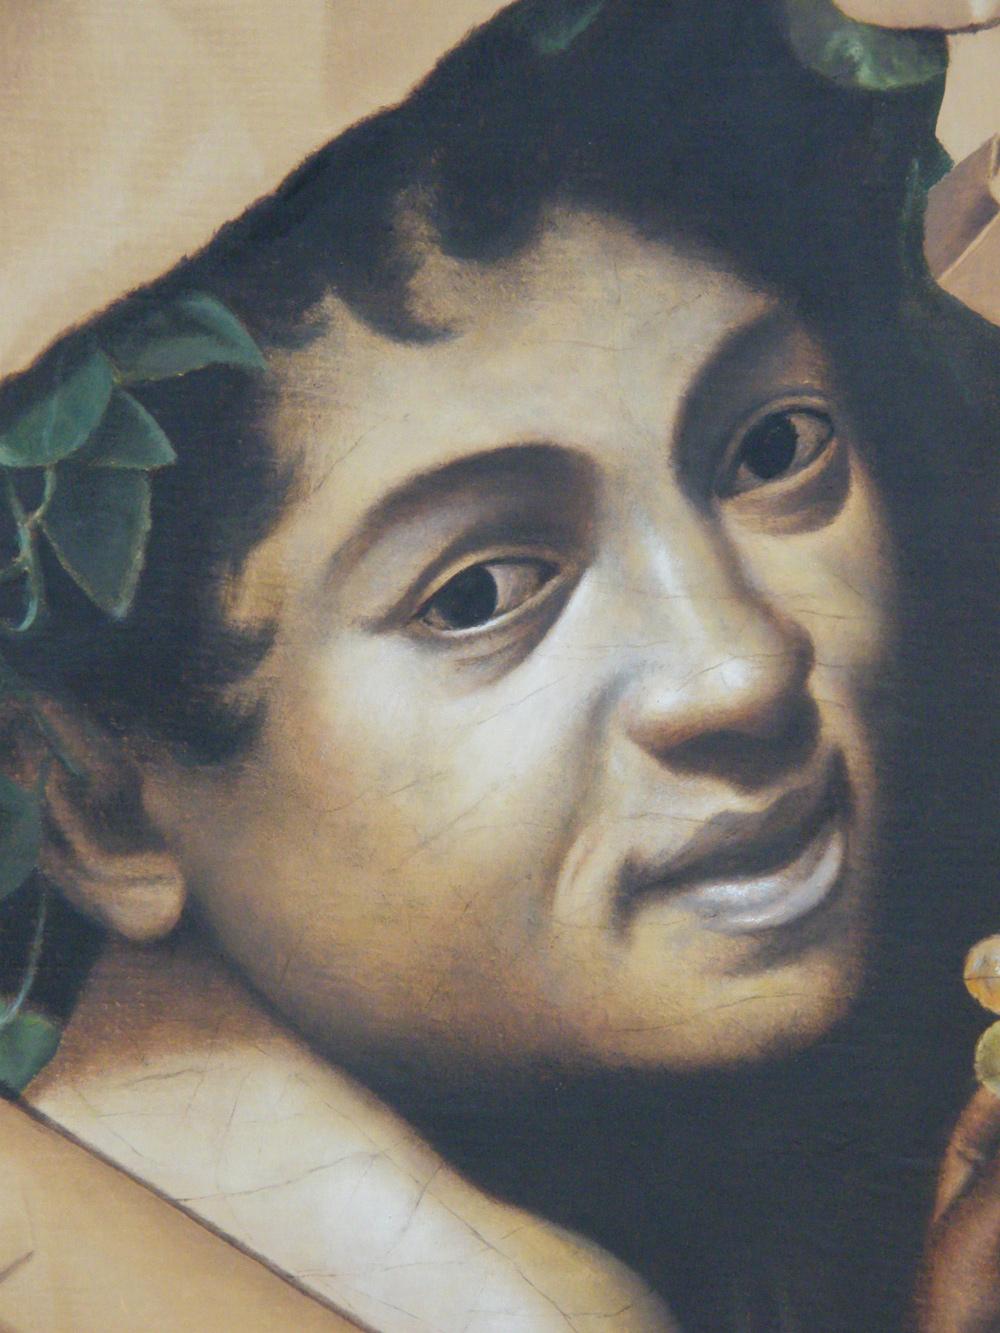 Il bacchino malato, 2013, olio su tela, cm. 52,5 x 66,5